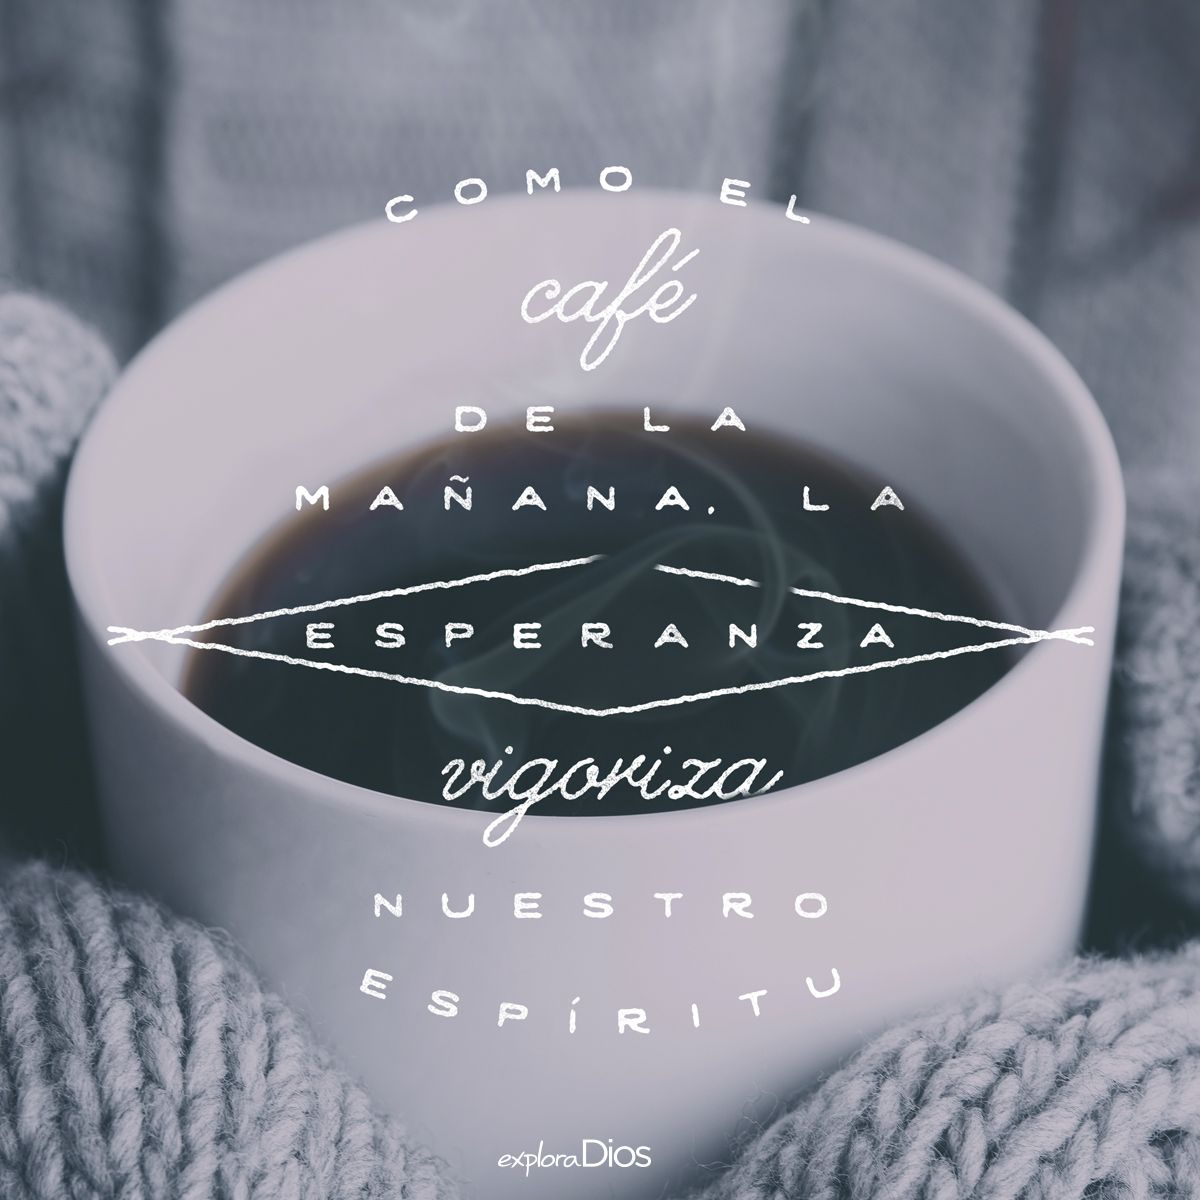 Como El Cafe De La Manana La Esperanza Vigoriza Nuestro Espiritu